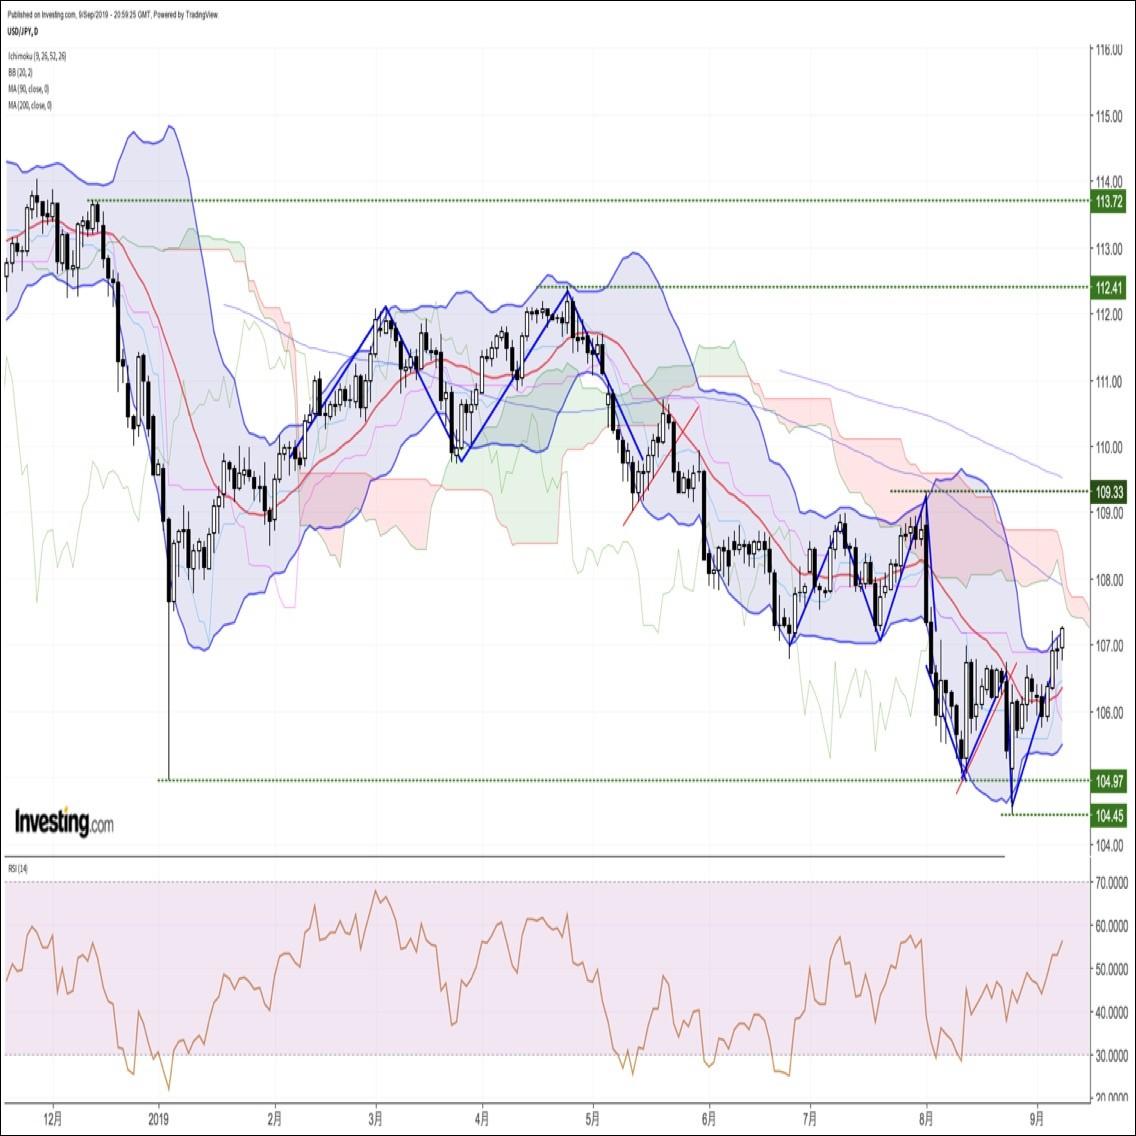 ドル円、米長期金利上昇とリスク回避ムード後退を背景に直近高値を再び更新(9/10朝)